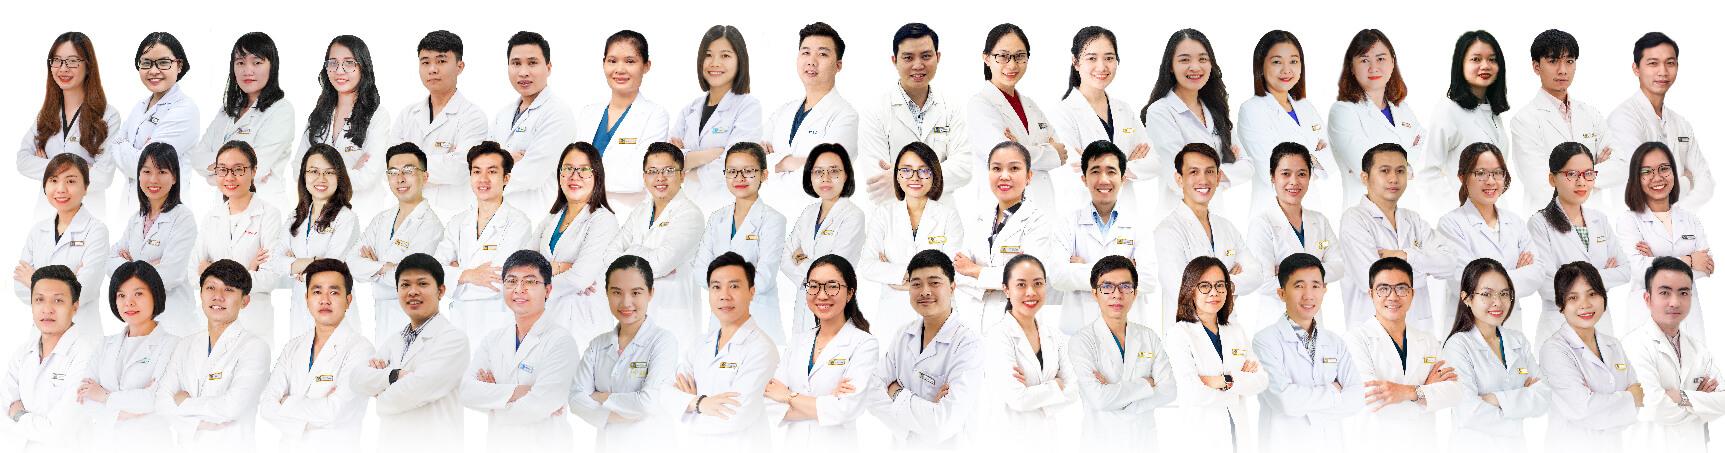 đội ngũ bác sĩ Nha Khoa Kim